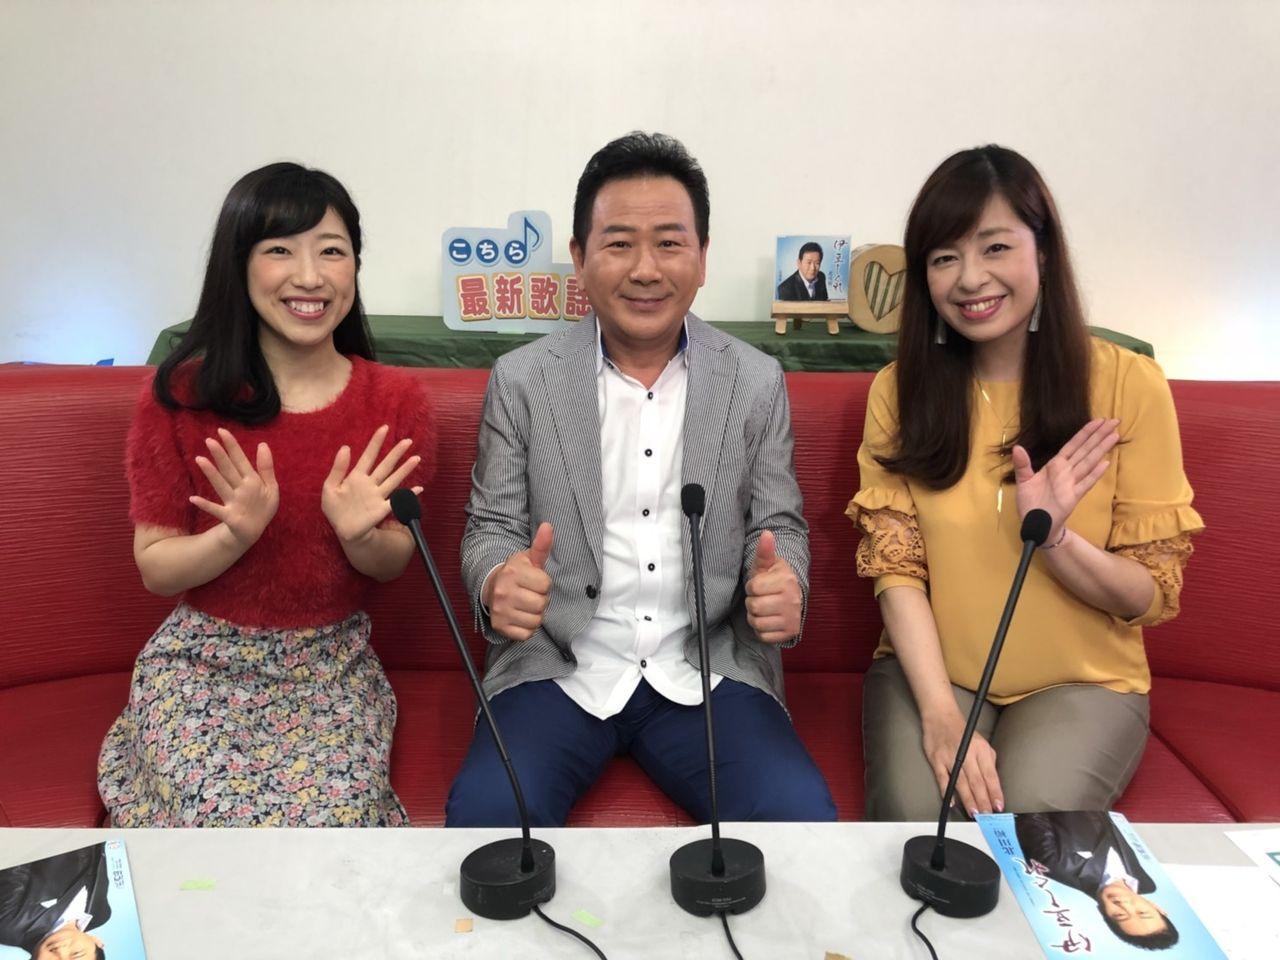 番組 今日 の nhk テレビ